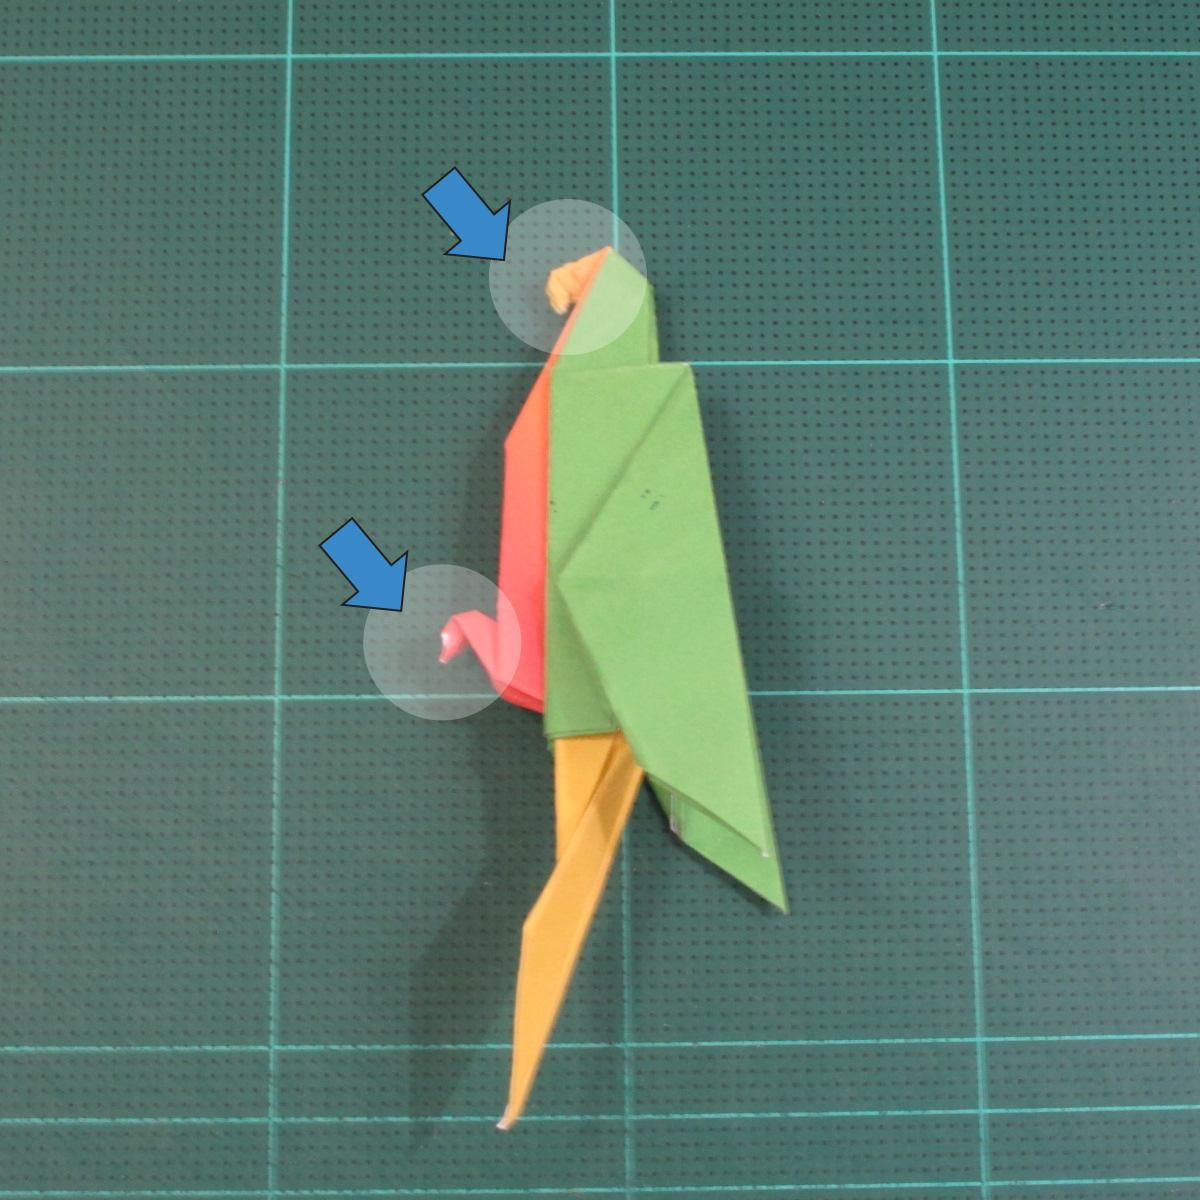 วิธีพับกระดาษเป็นรูปนกแก้ว (Origami Parrot) 035